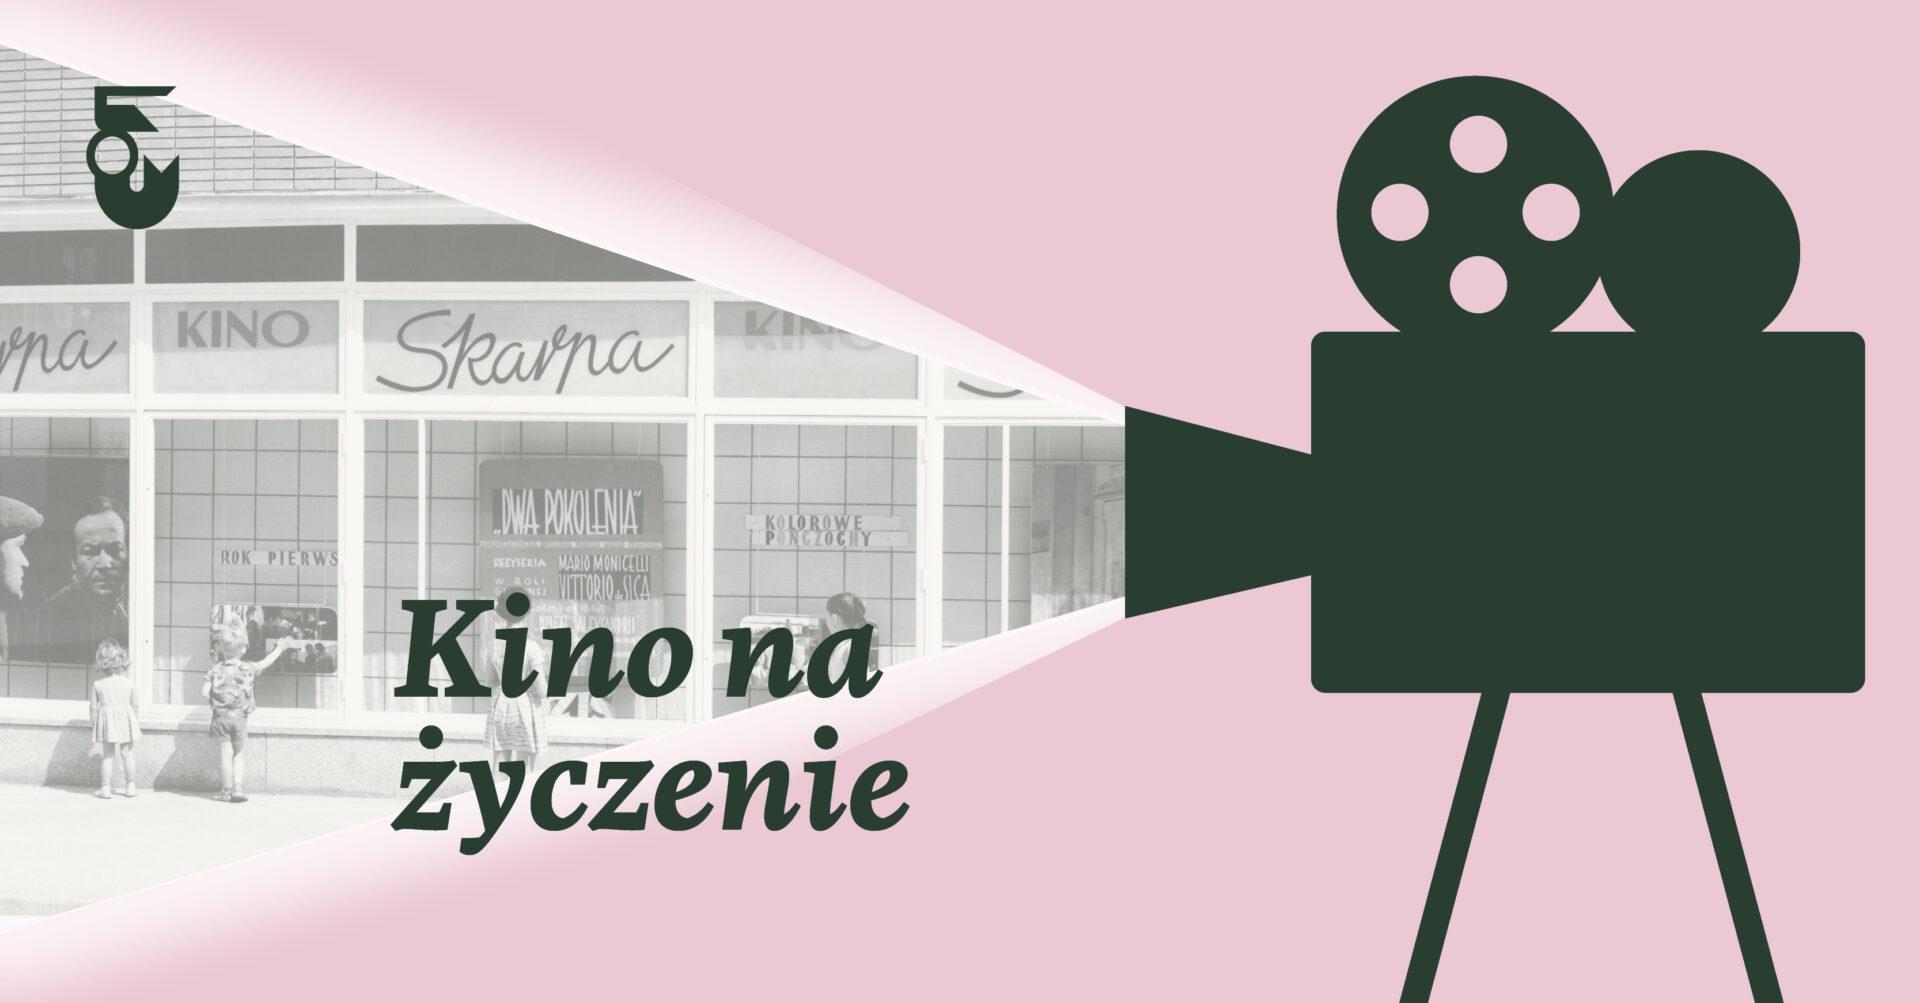 Kino nażyczenie wMuzeum Warszawy